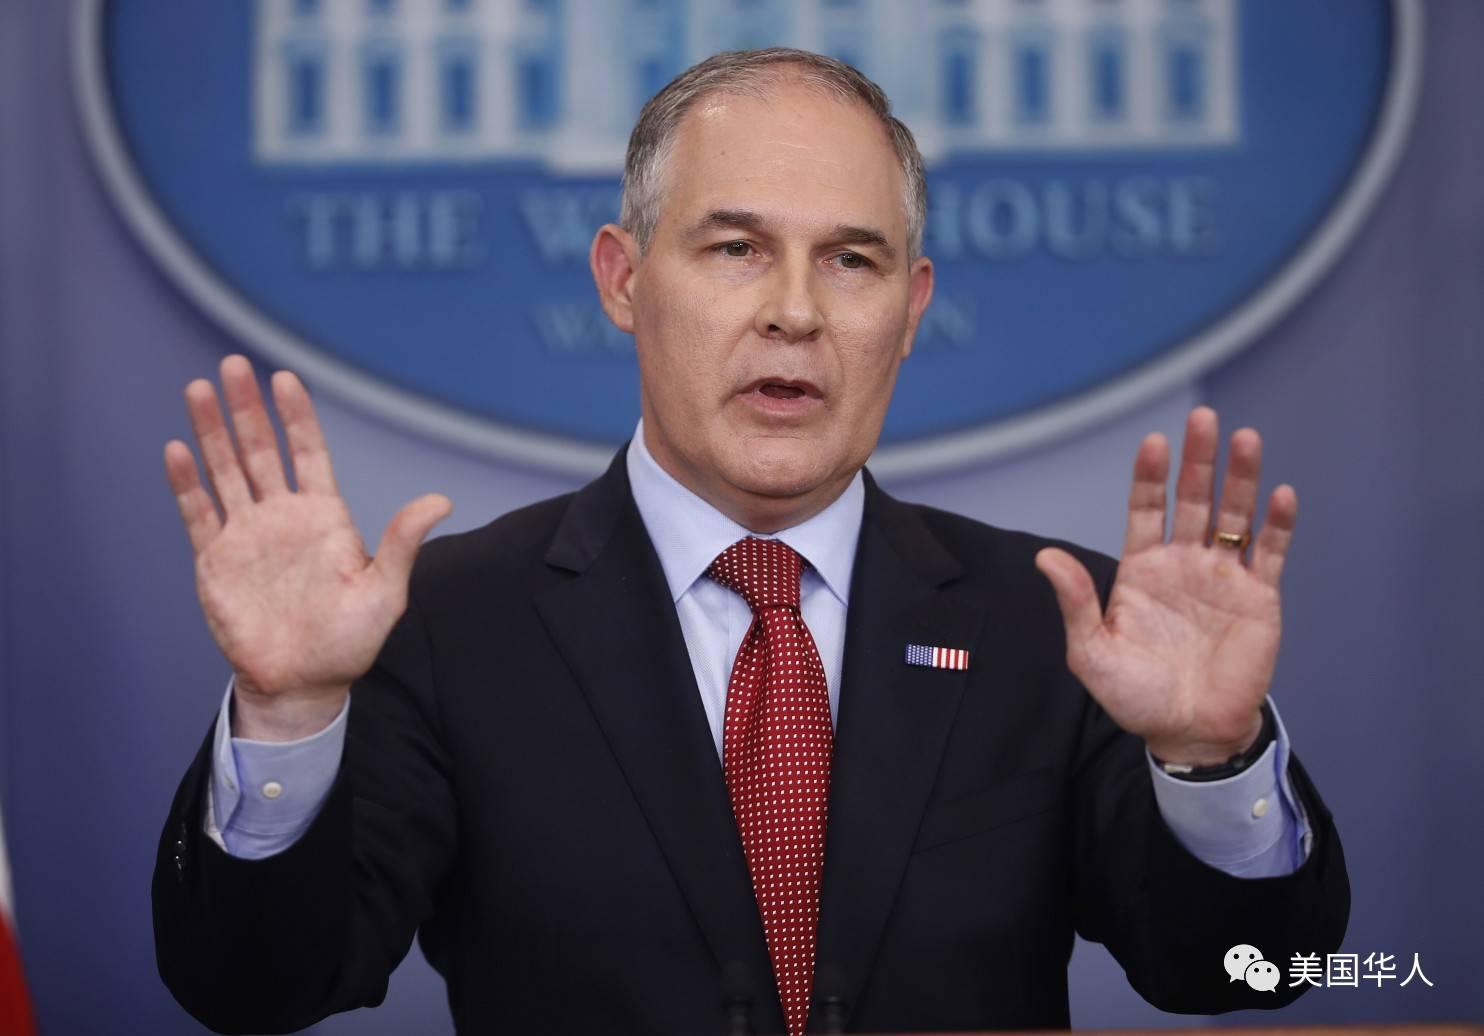 图姐 | 环保署反环保!试图推翻奥巴马排放政策被法庭驳回